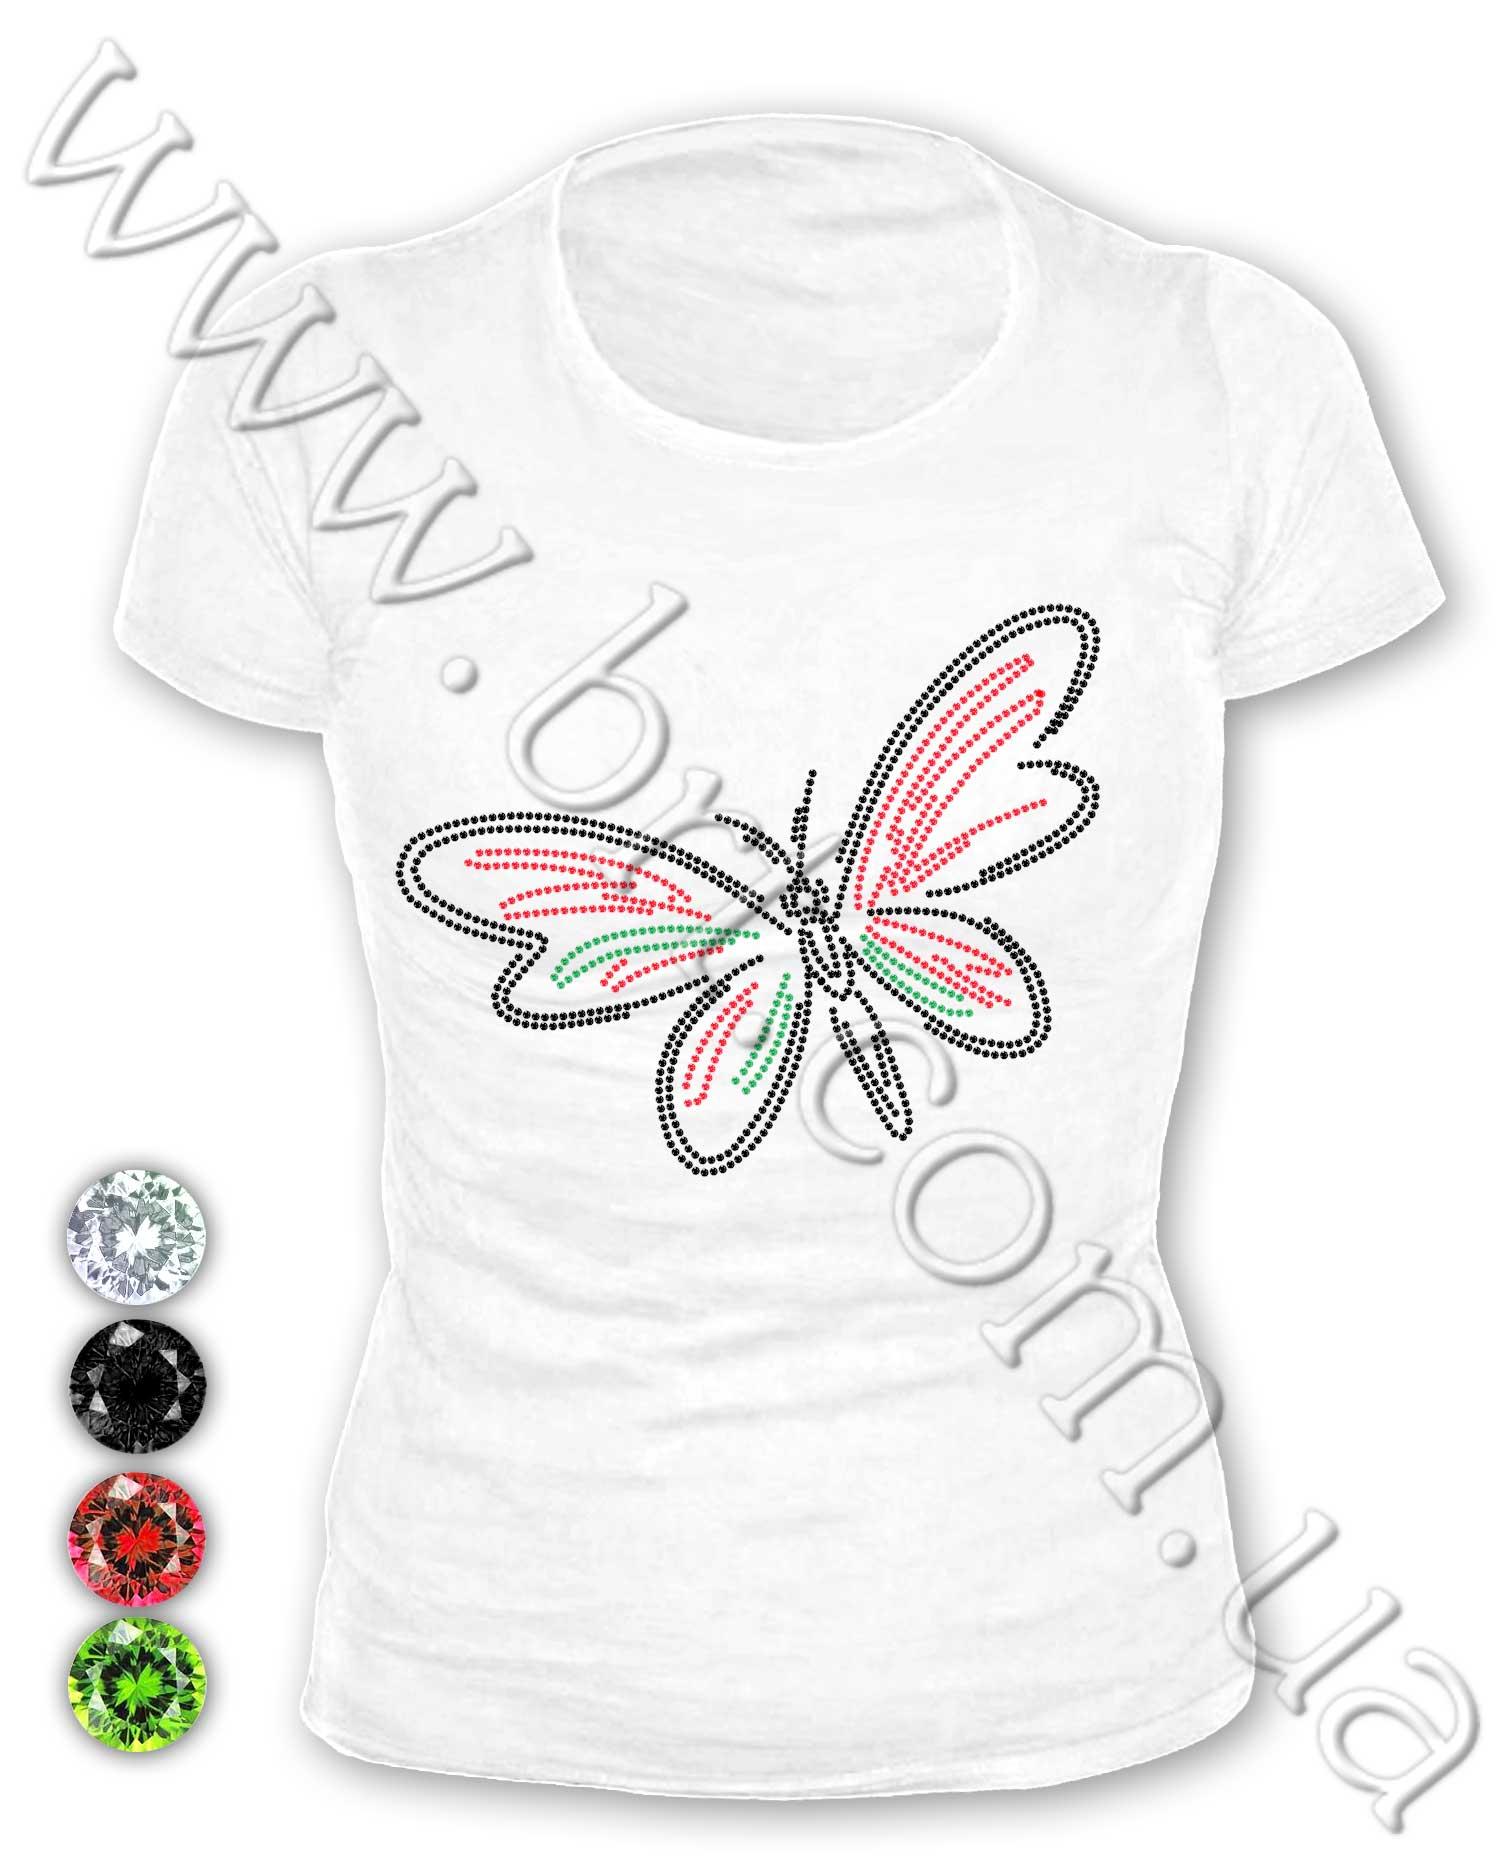 Как сделать орнамент на футболке